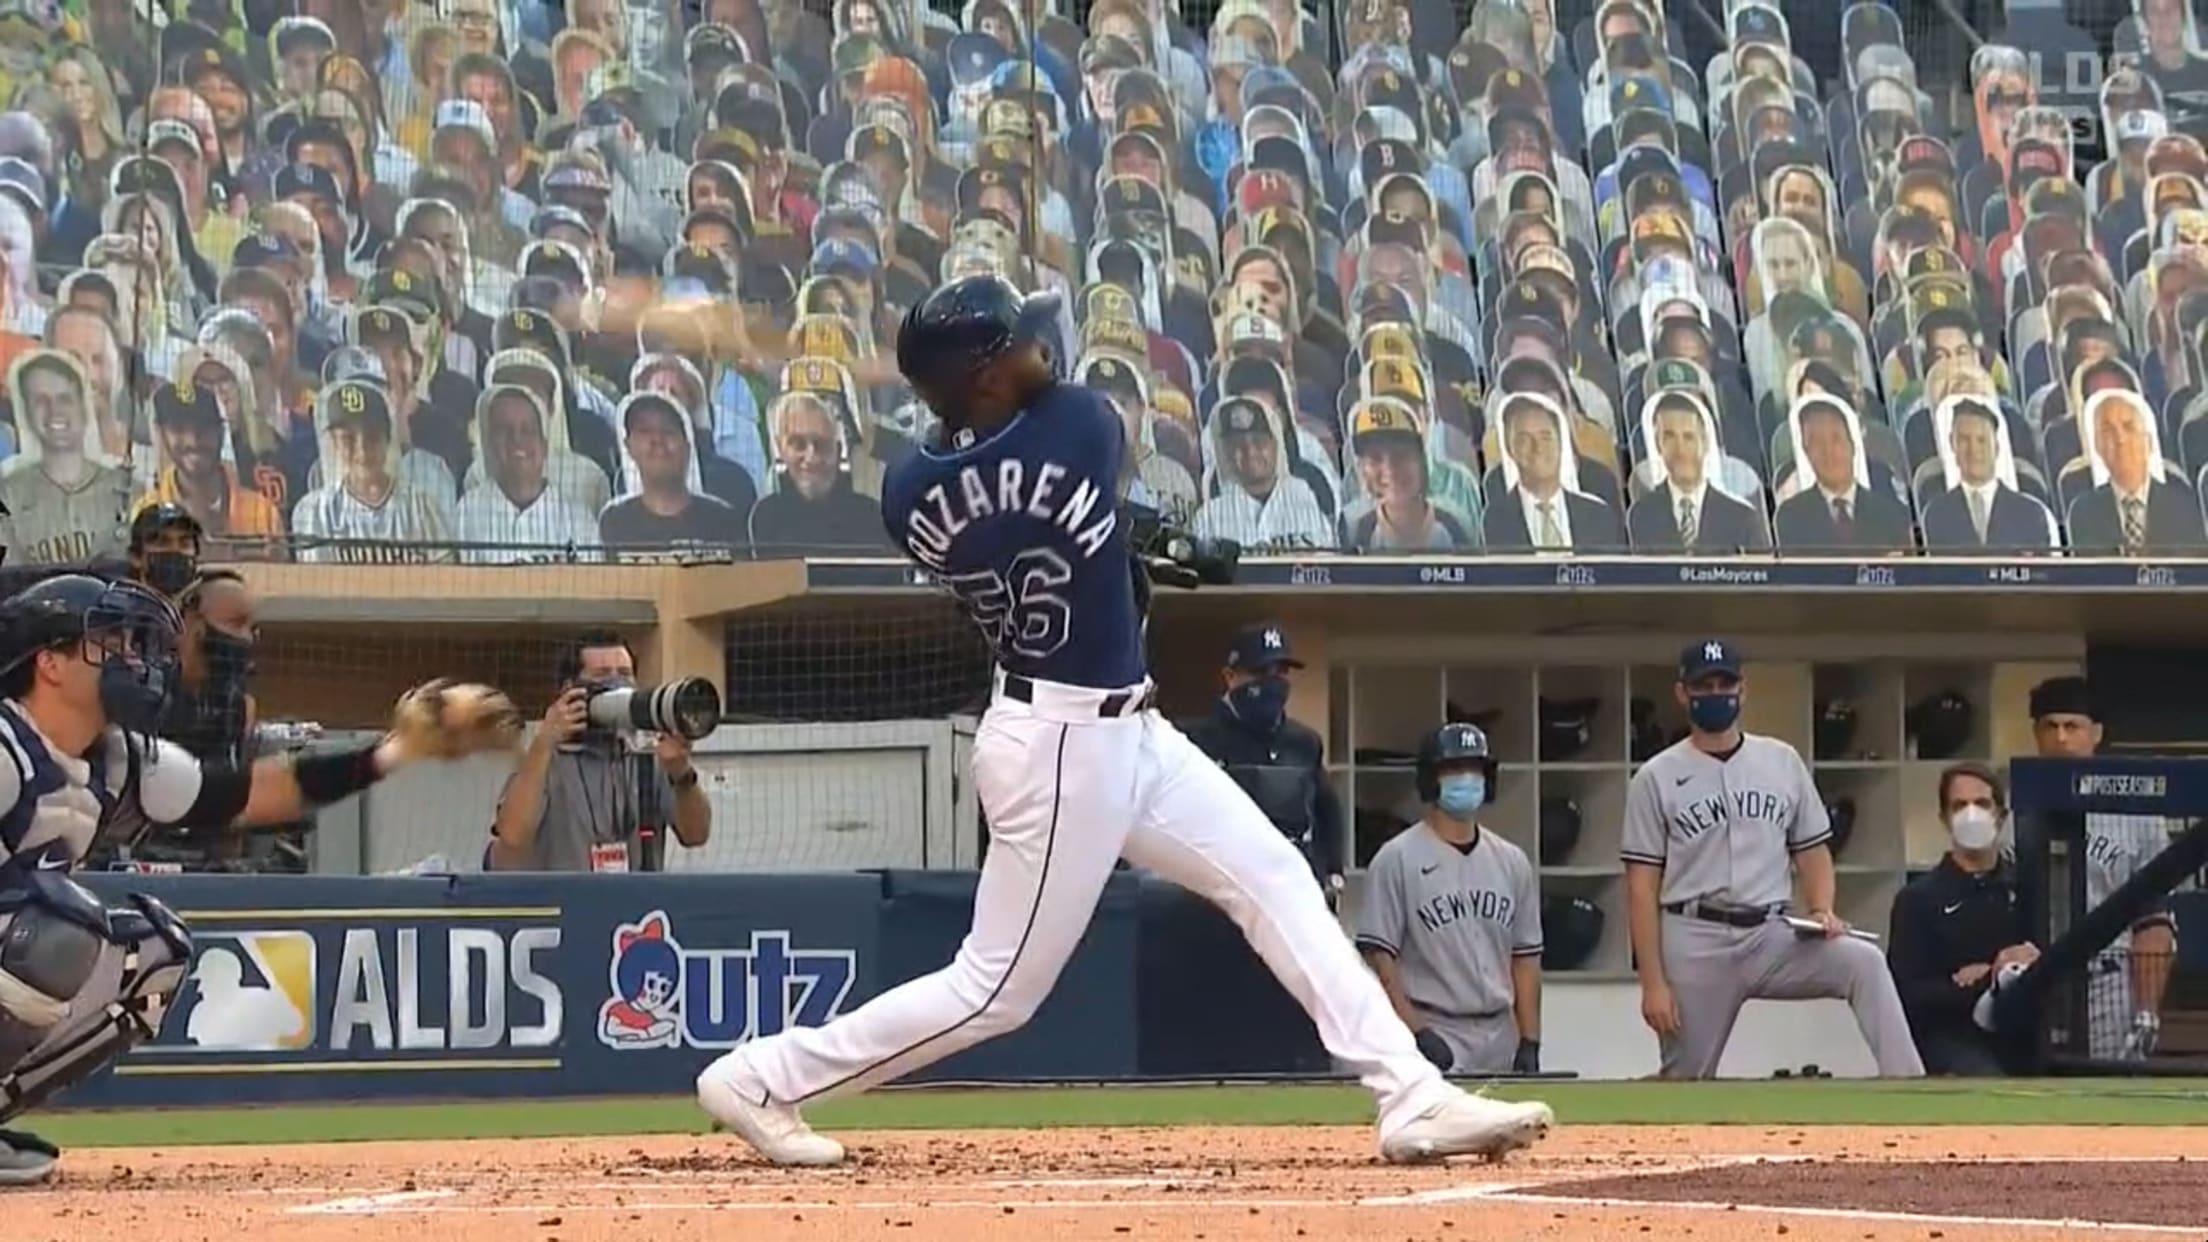 Randy Arozarena's solo home run